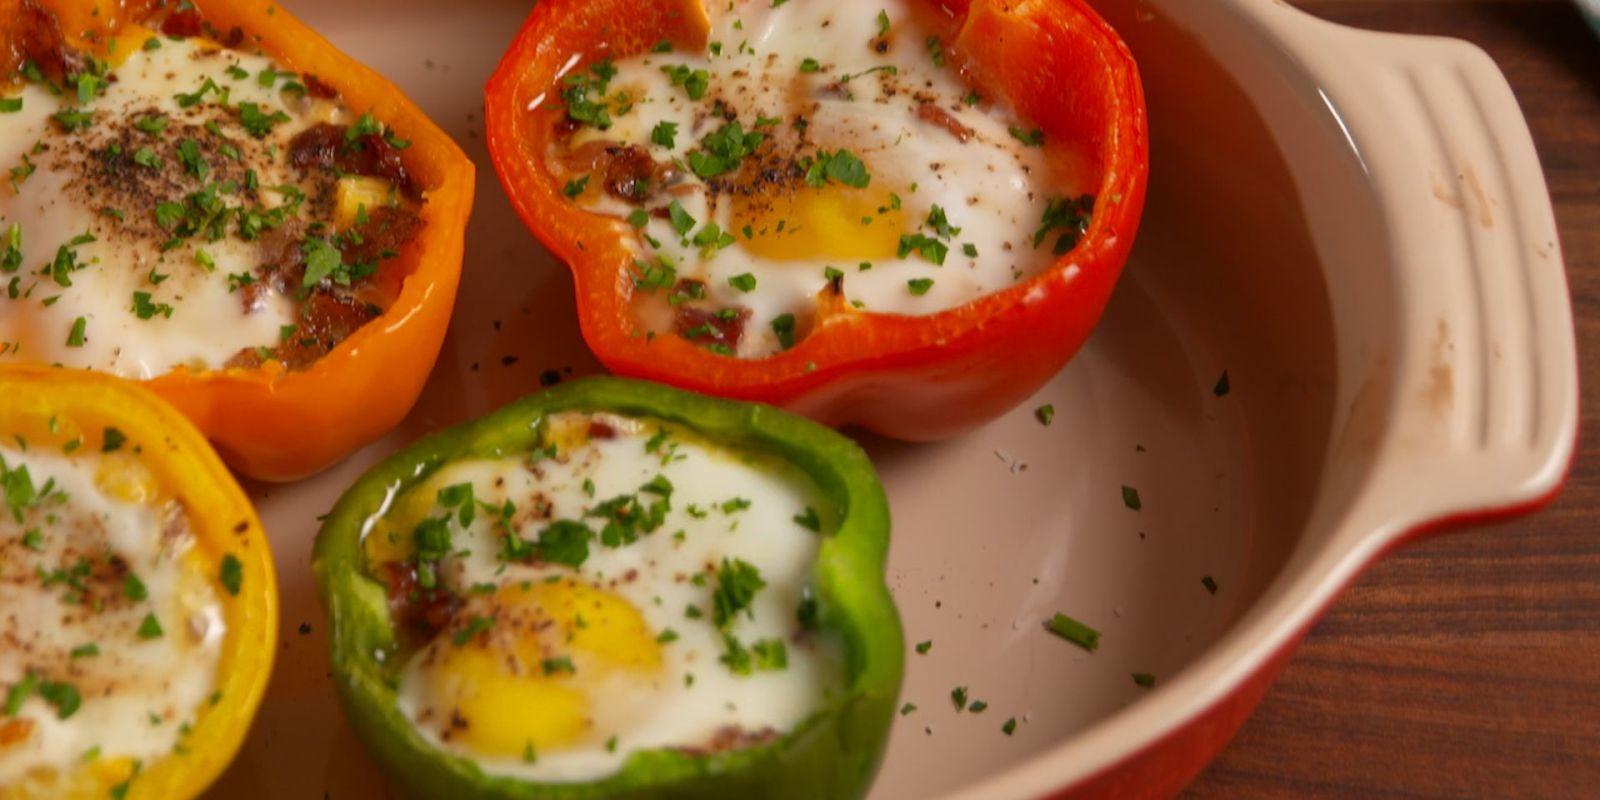 Chili pepper lindsay - 3 8